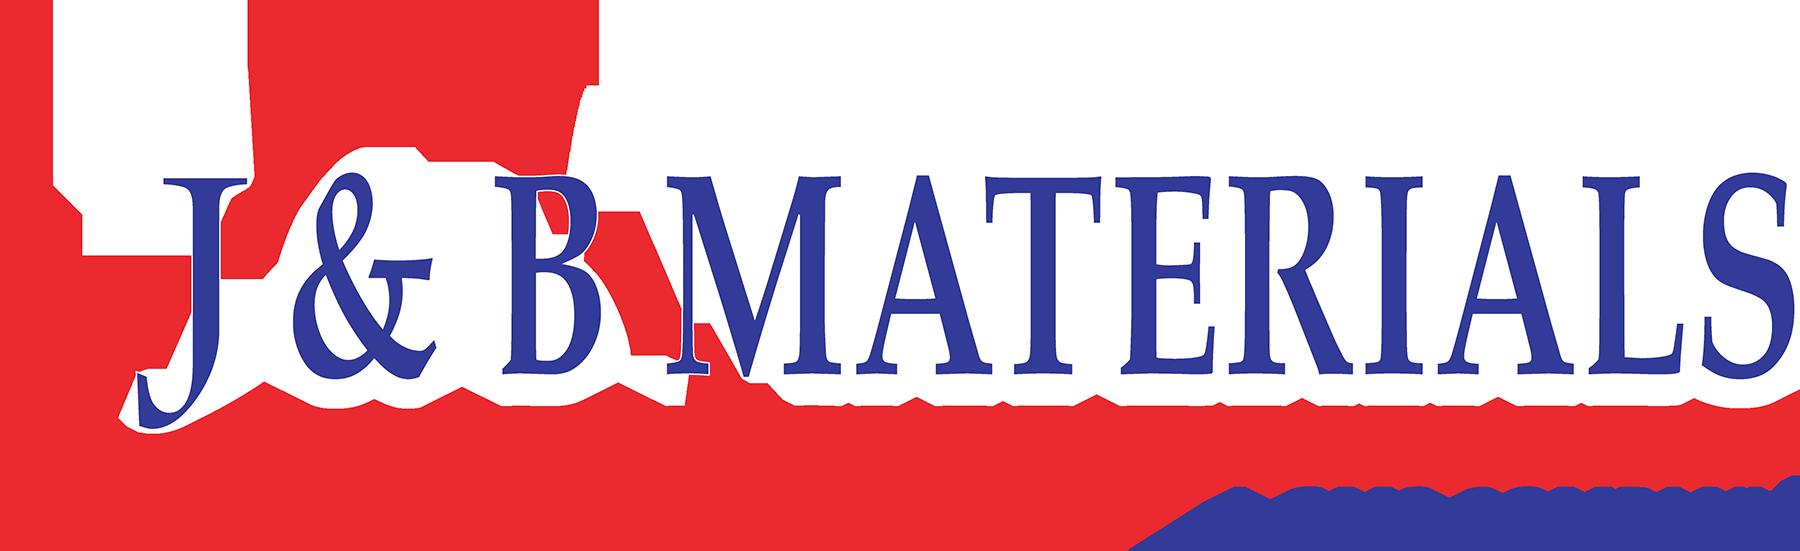 JBMaterials-2-232x101